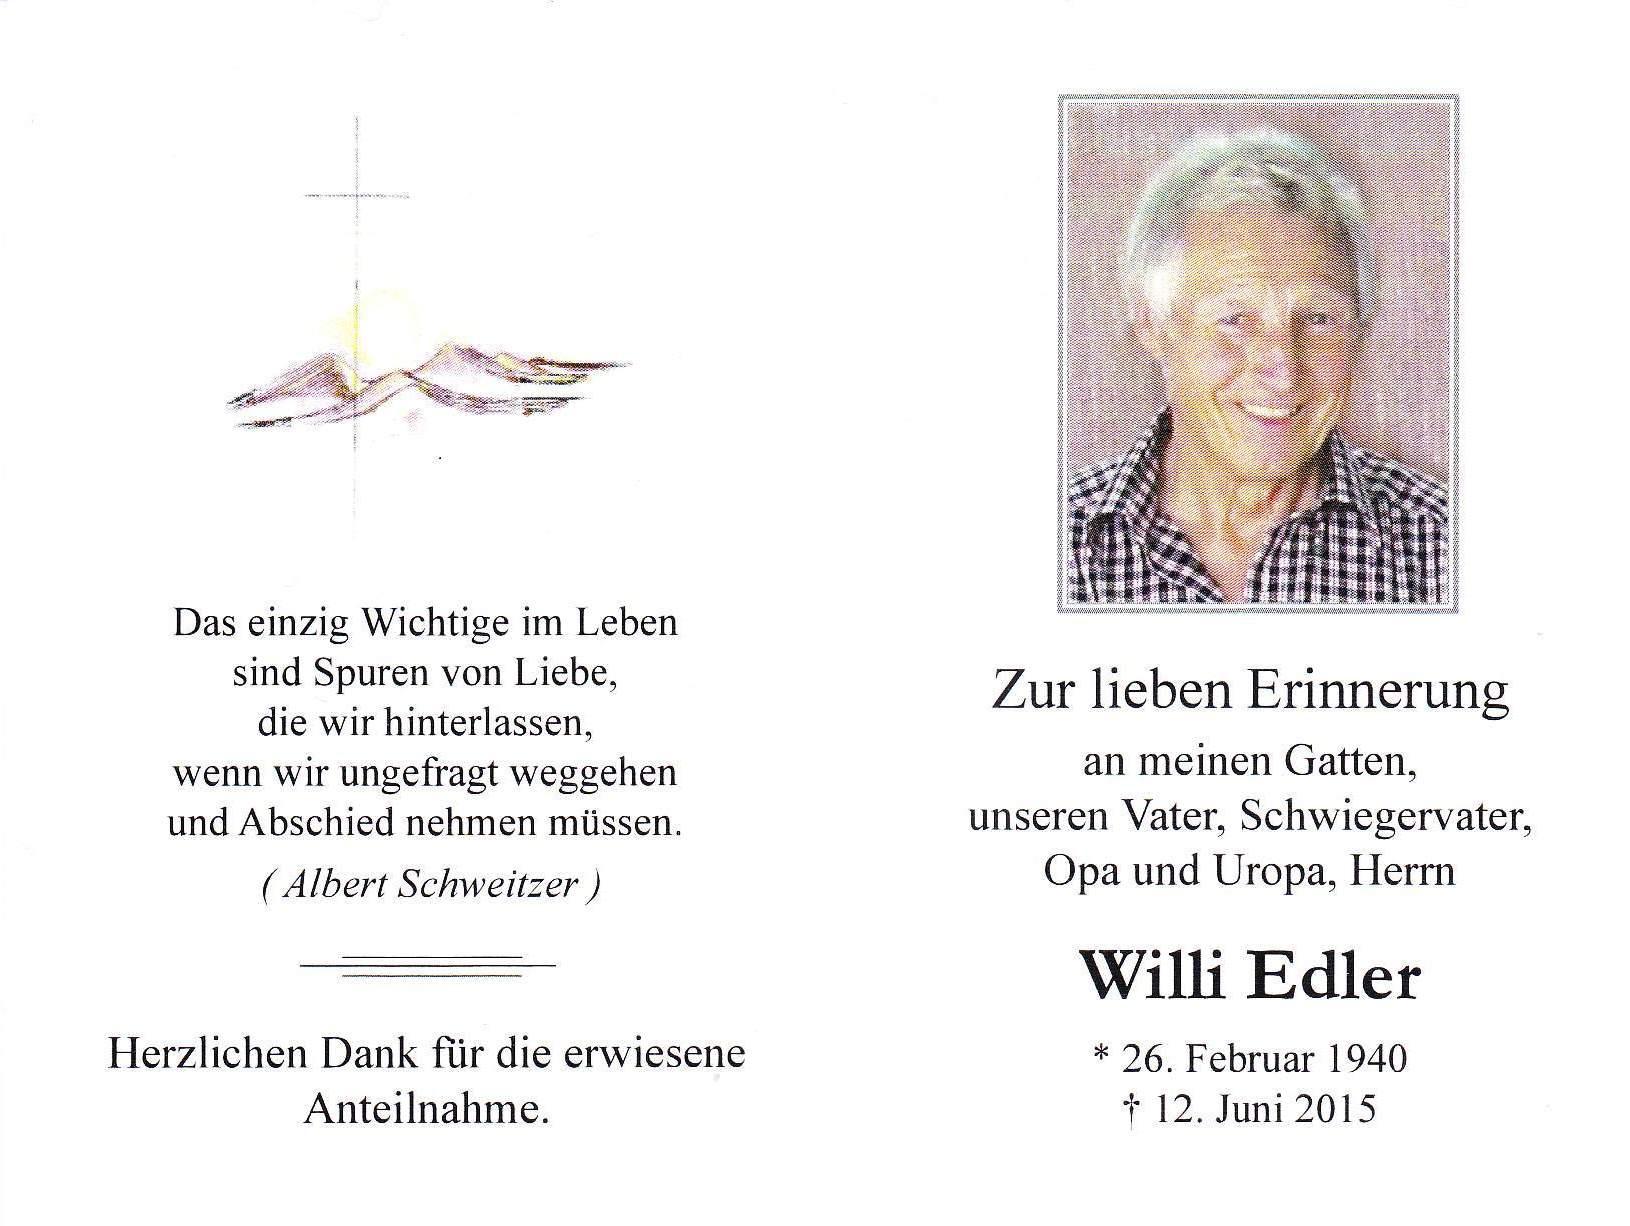 Edler Willhelm